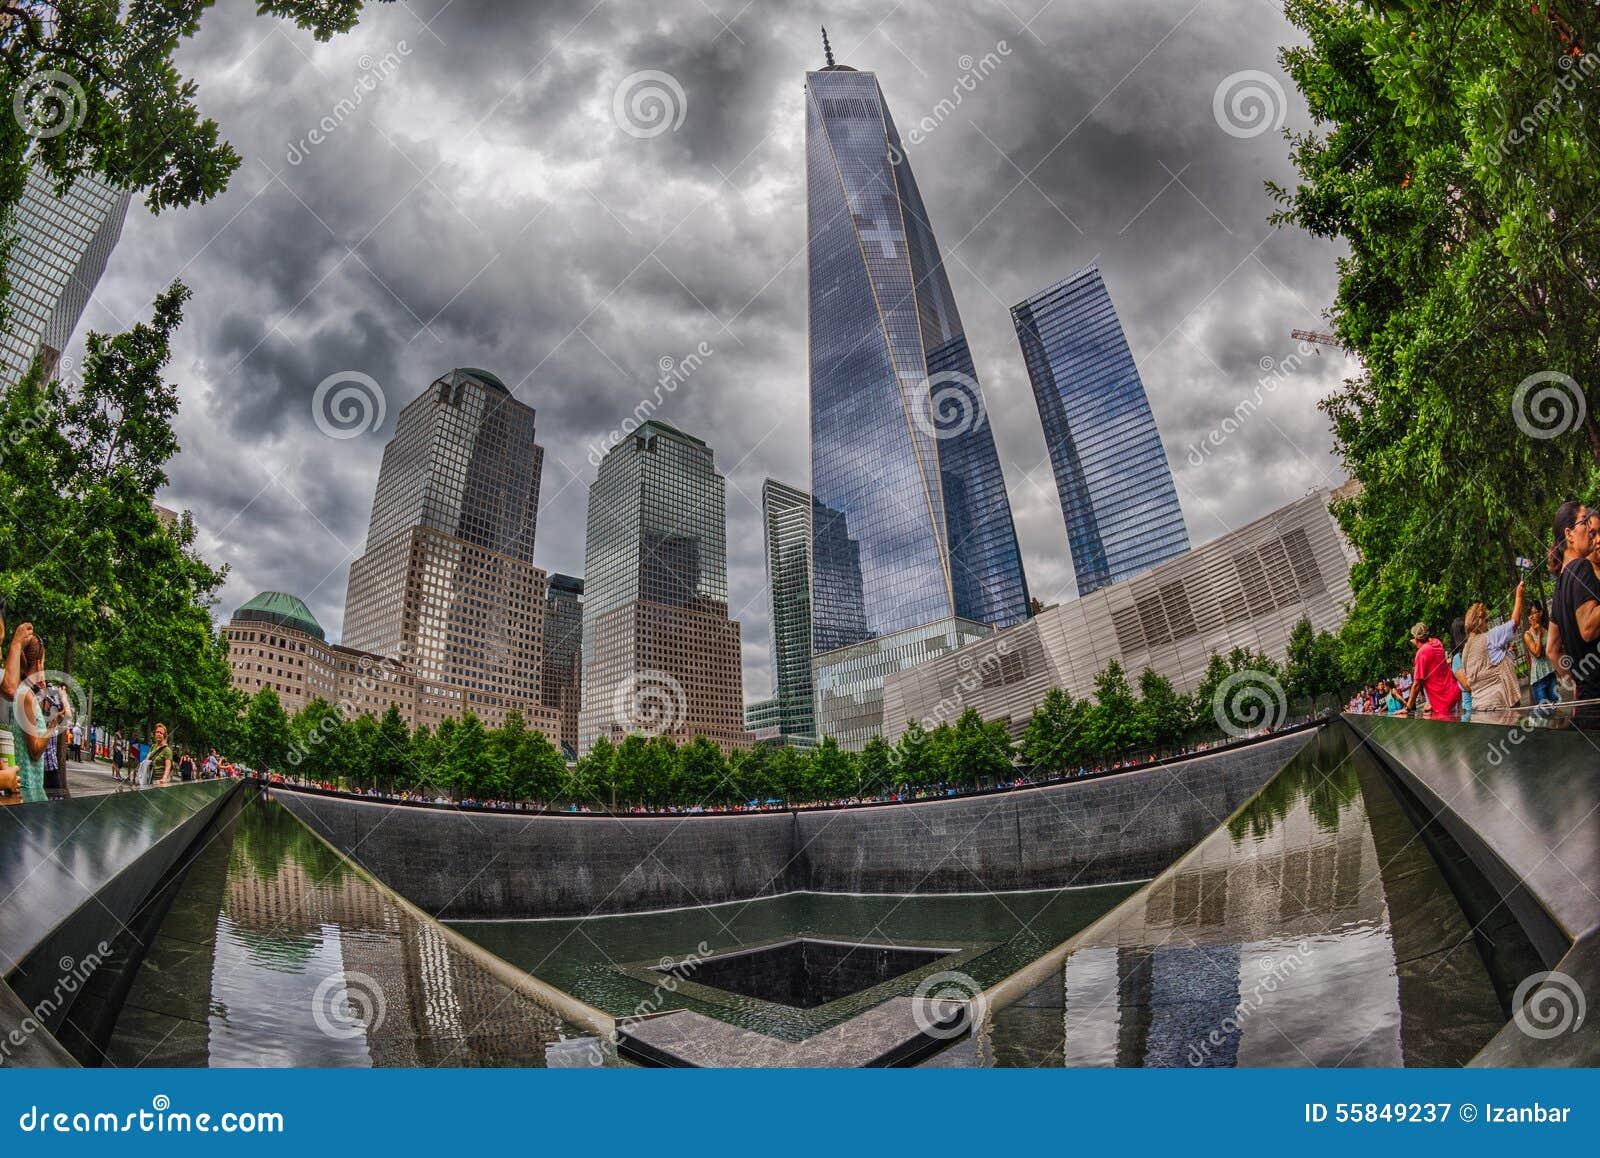 人们临近自由塔和9/11纪念品